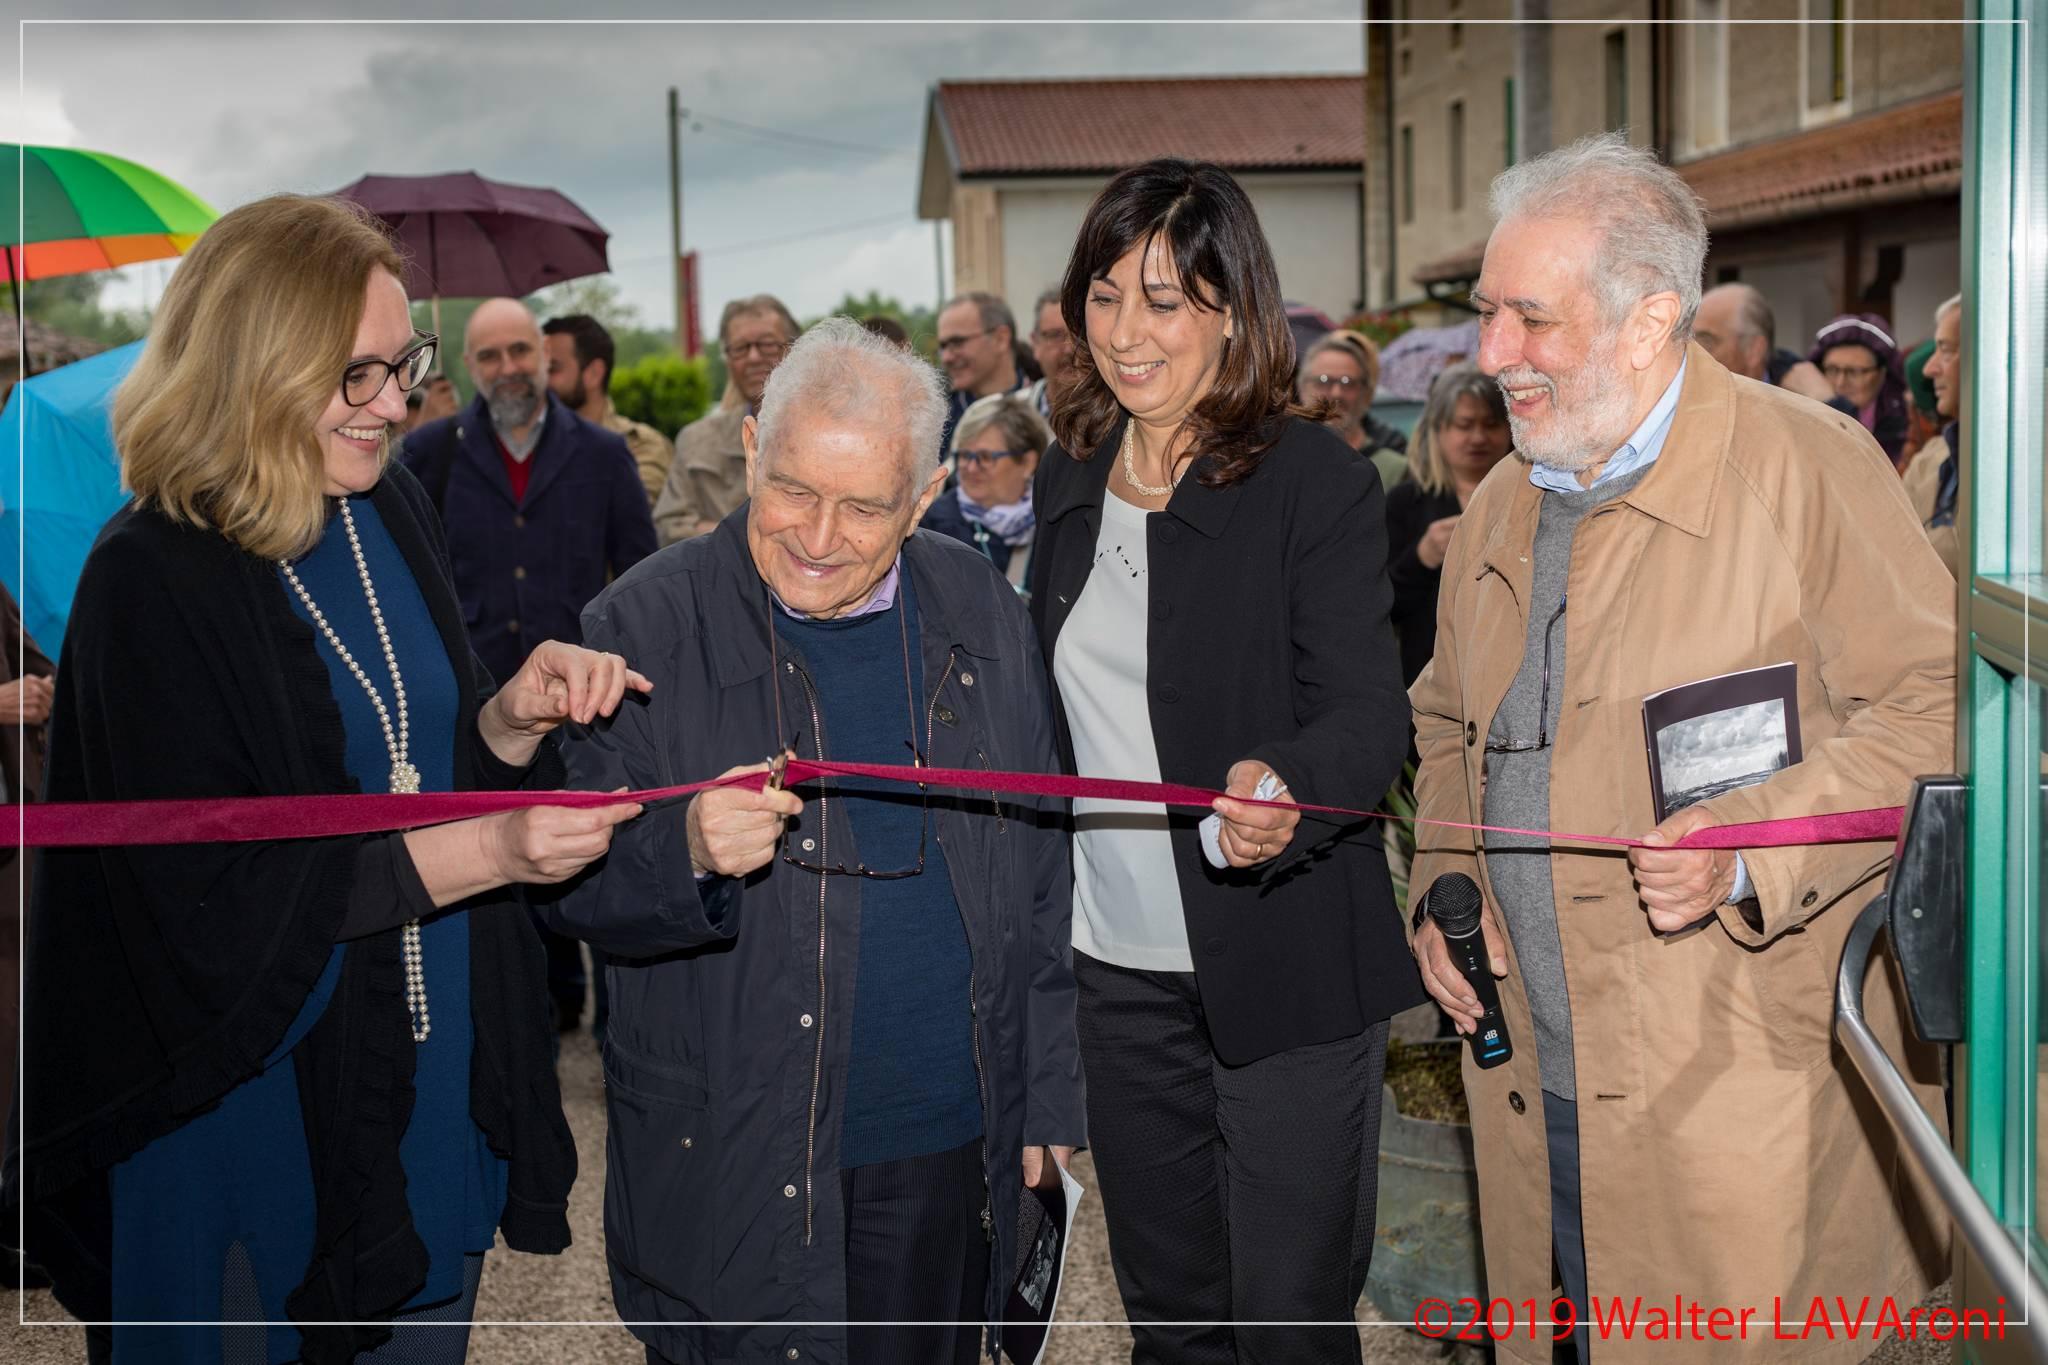 inaugurazione-CIOL-19-MAGGIO-2019